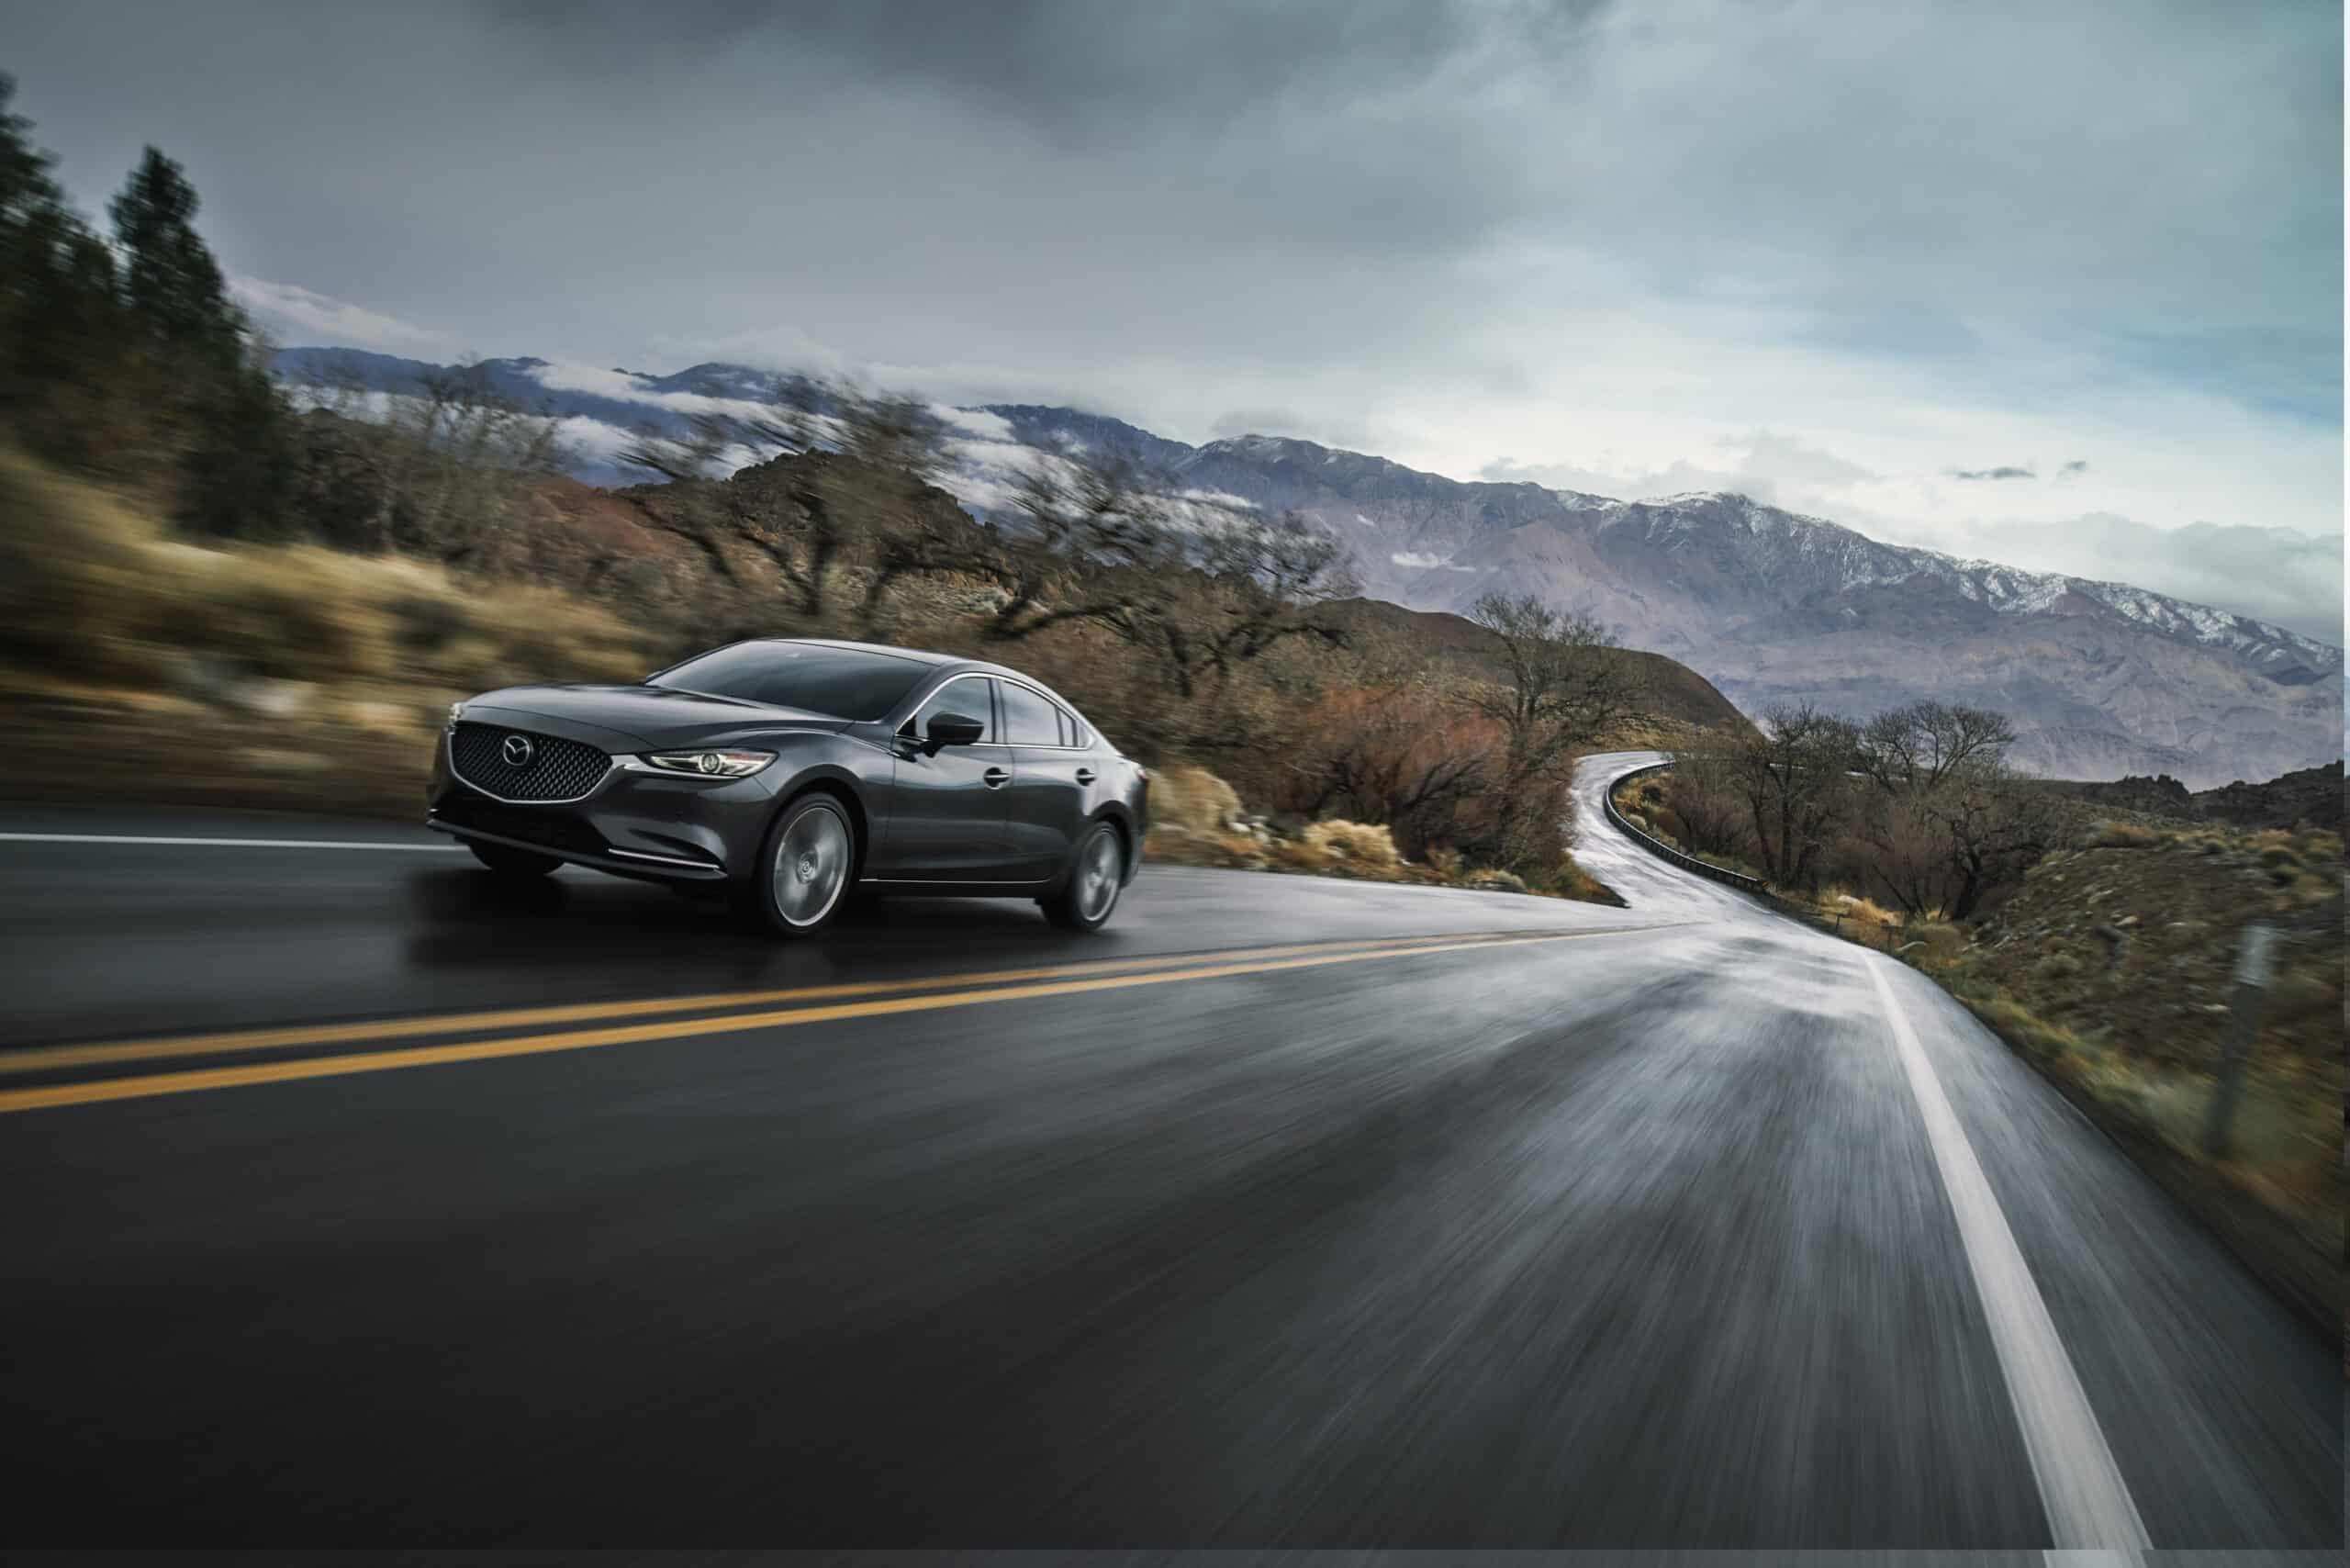 Devant de la Mazda6 2020 grise sur route pittoresque